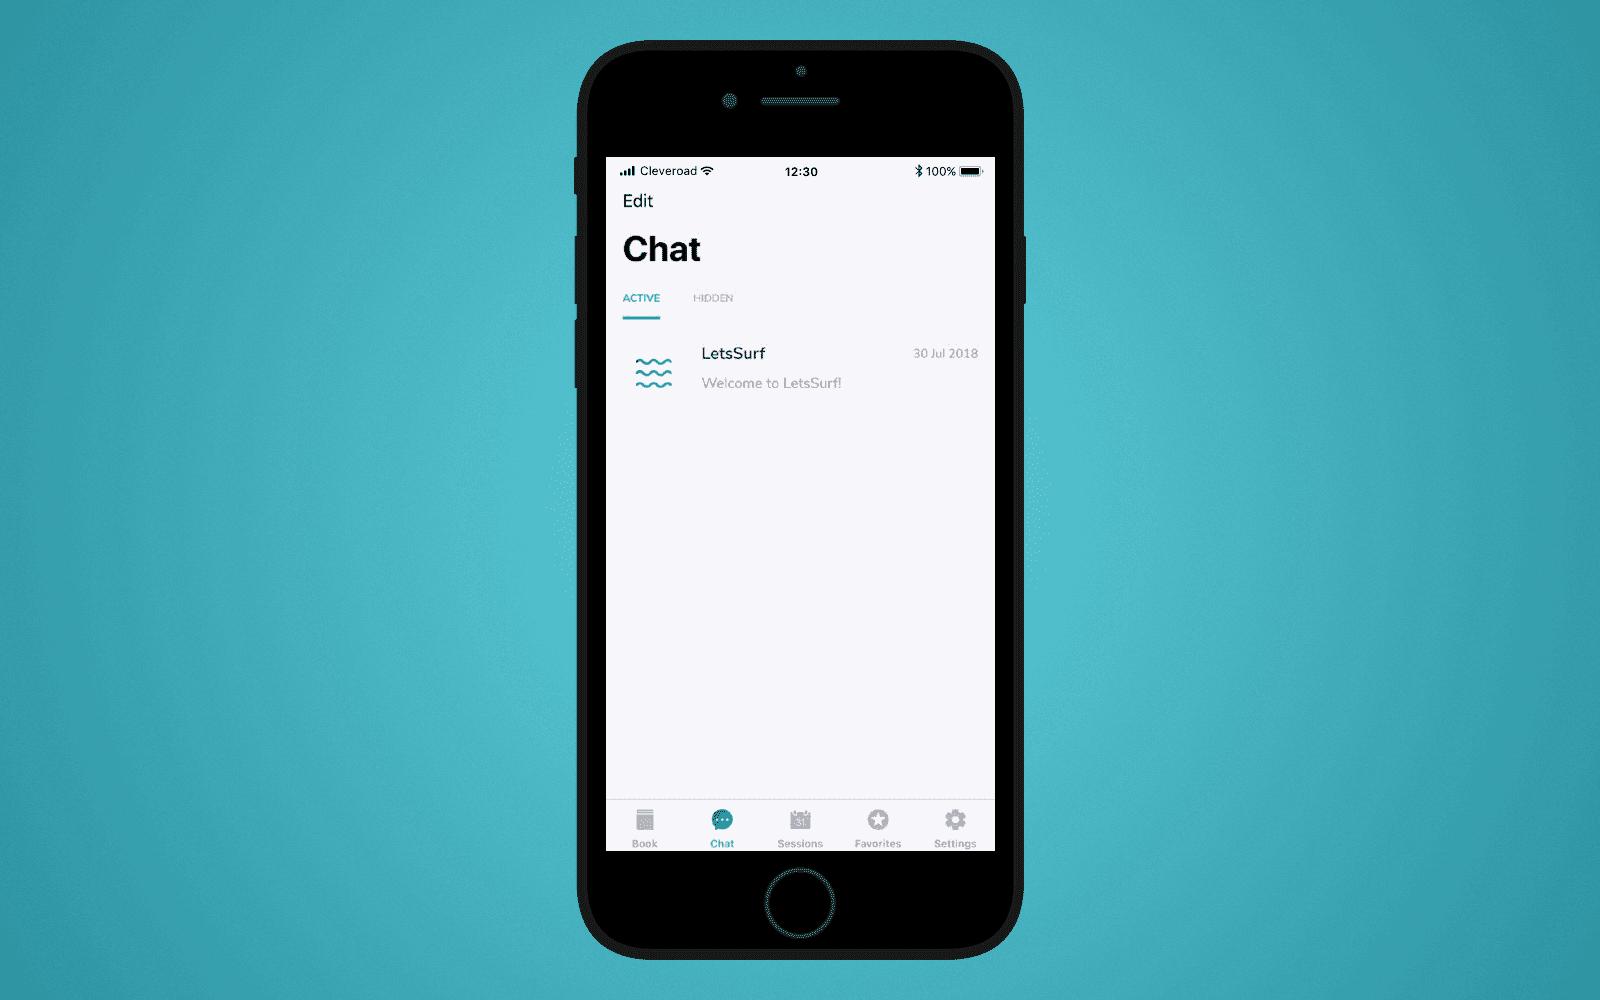 LetsSurf chat screen